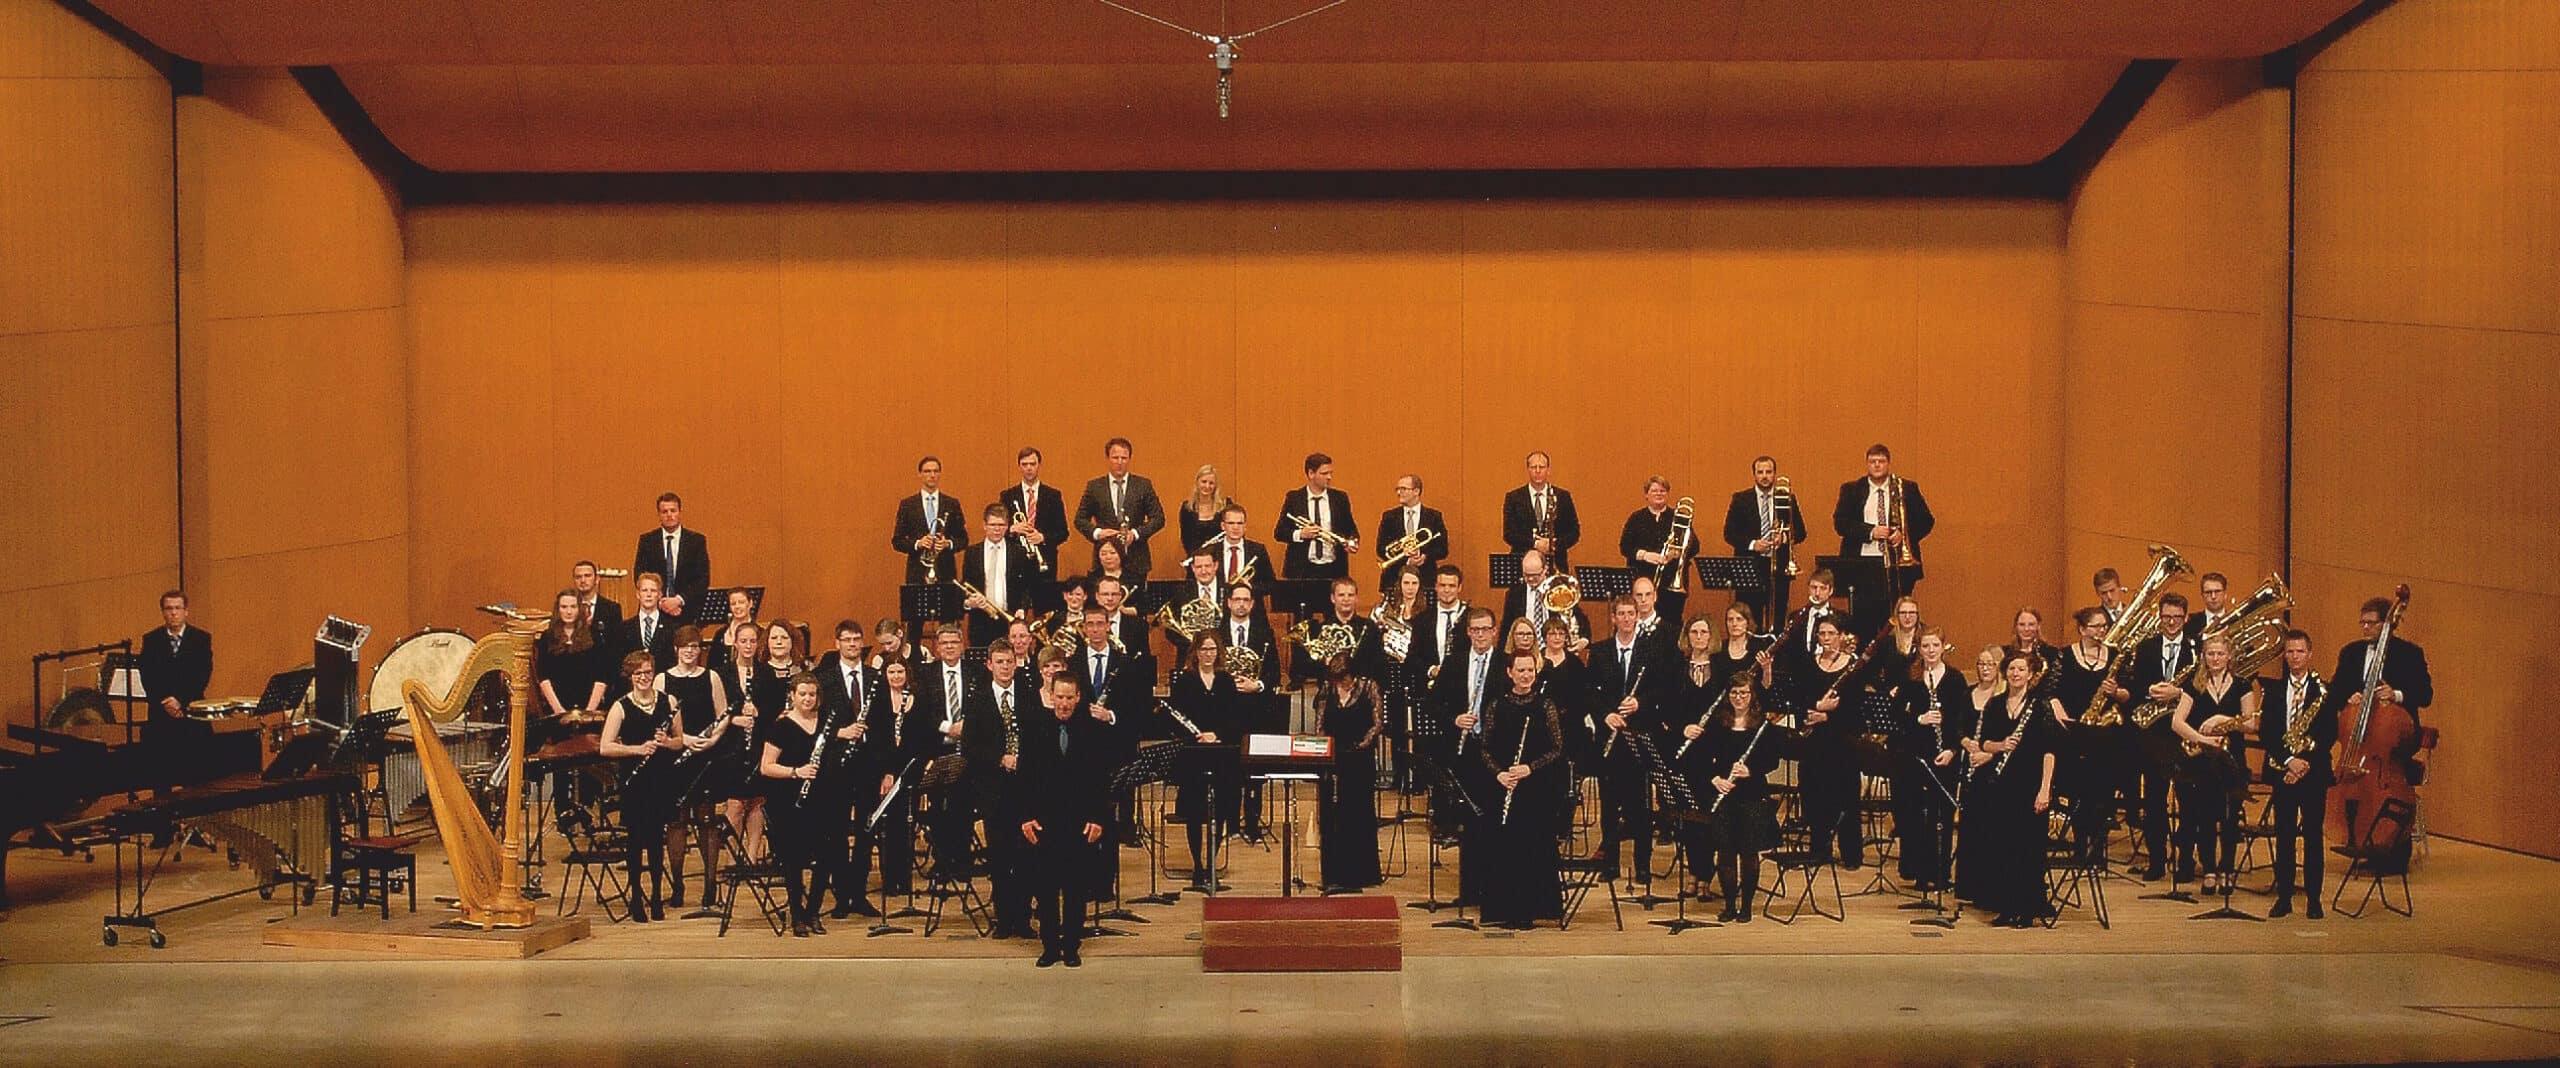 """Photo of Schmallenberg: Dirigent wird zehn: Hochkarätiges Solo-Konzert mit """"Westfalen Winds"""""""